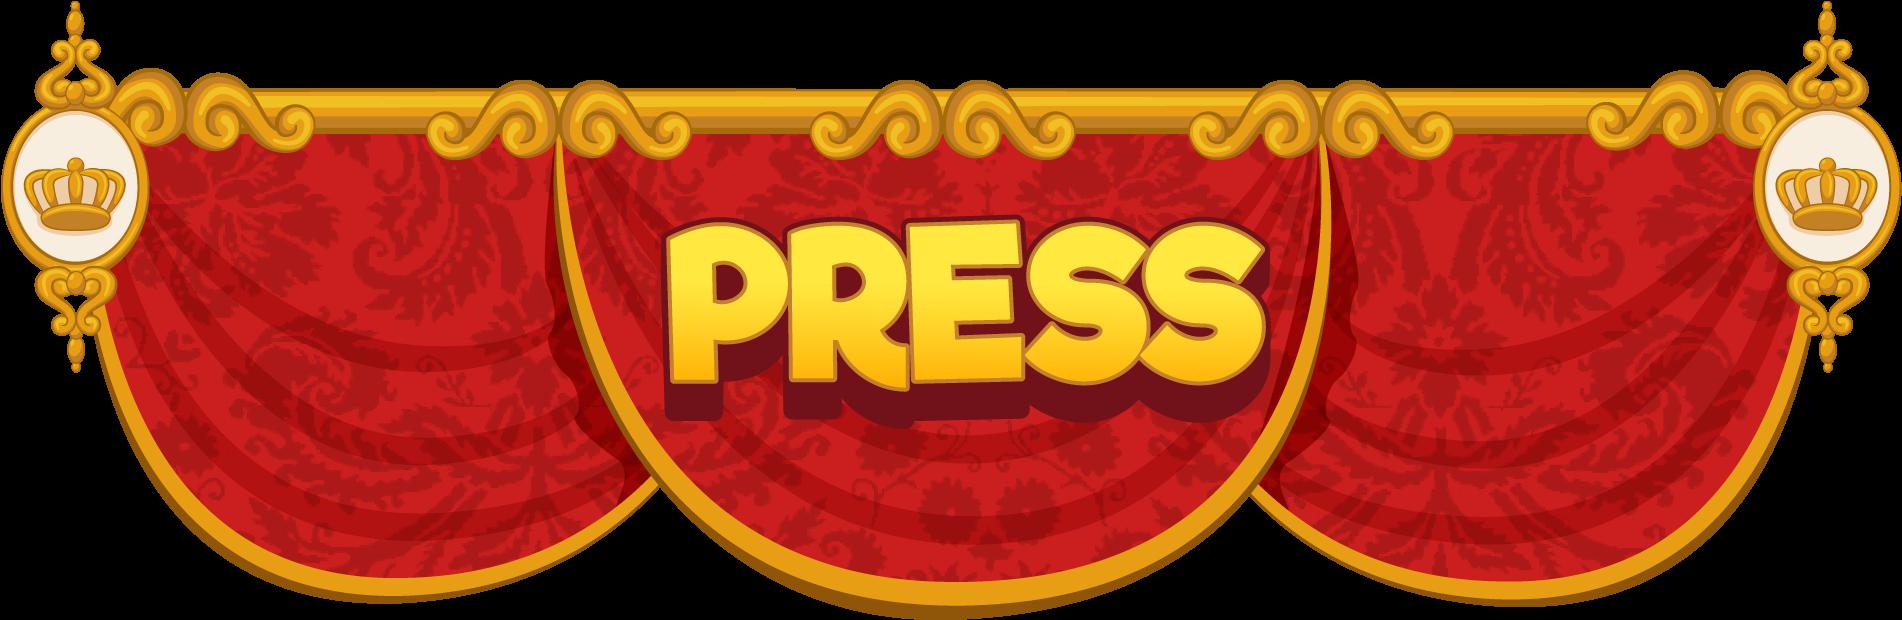 Press_Header